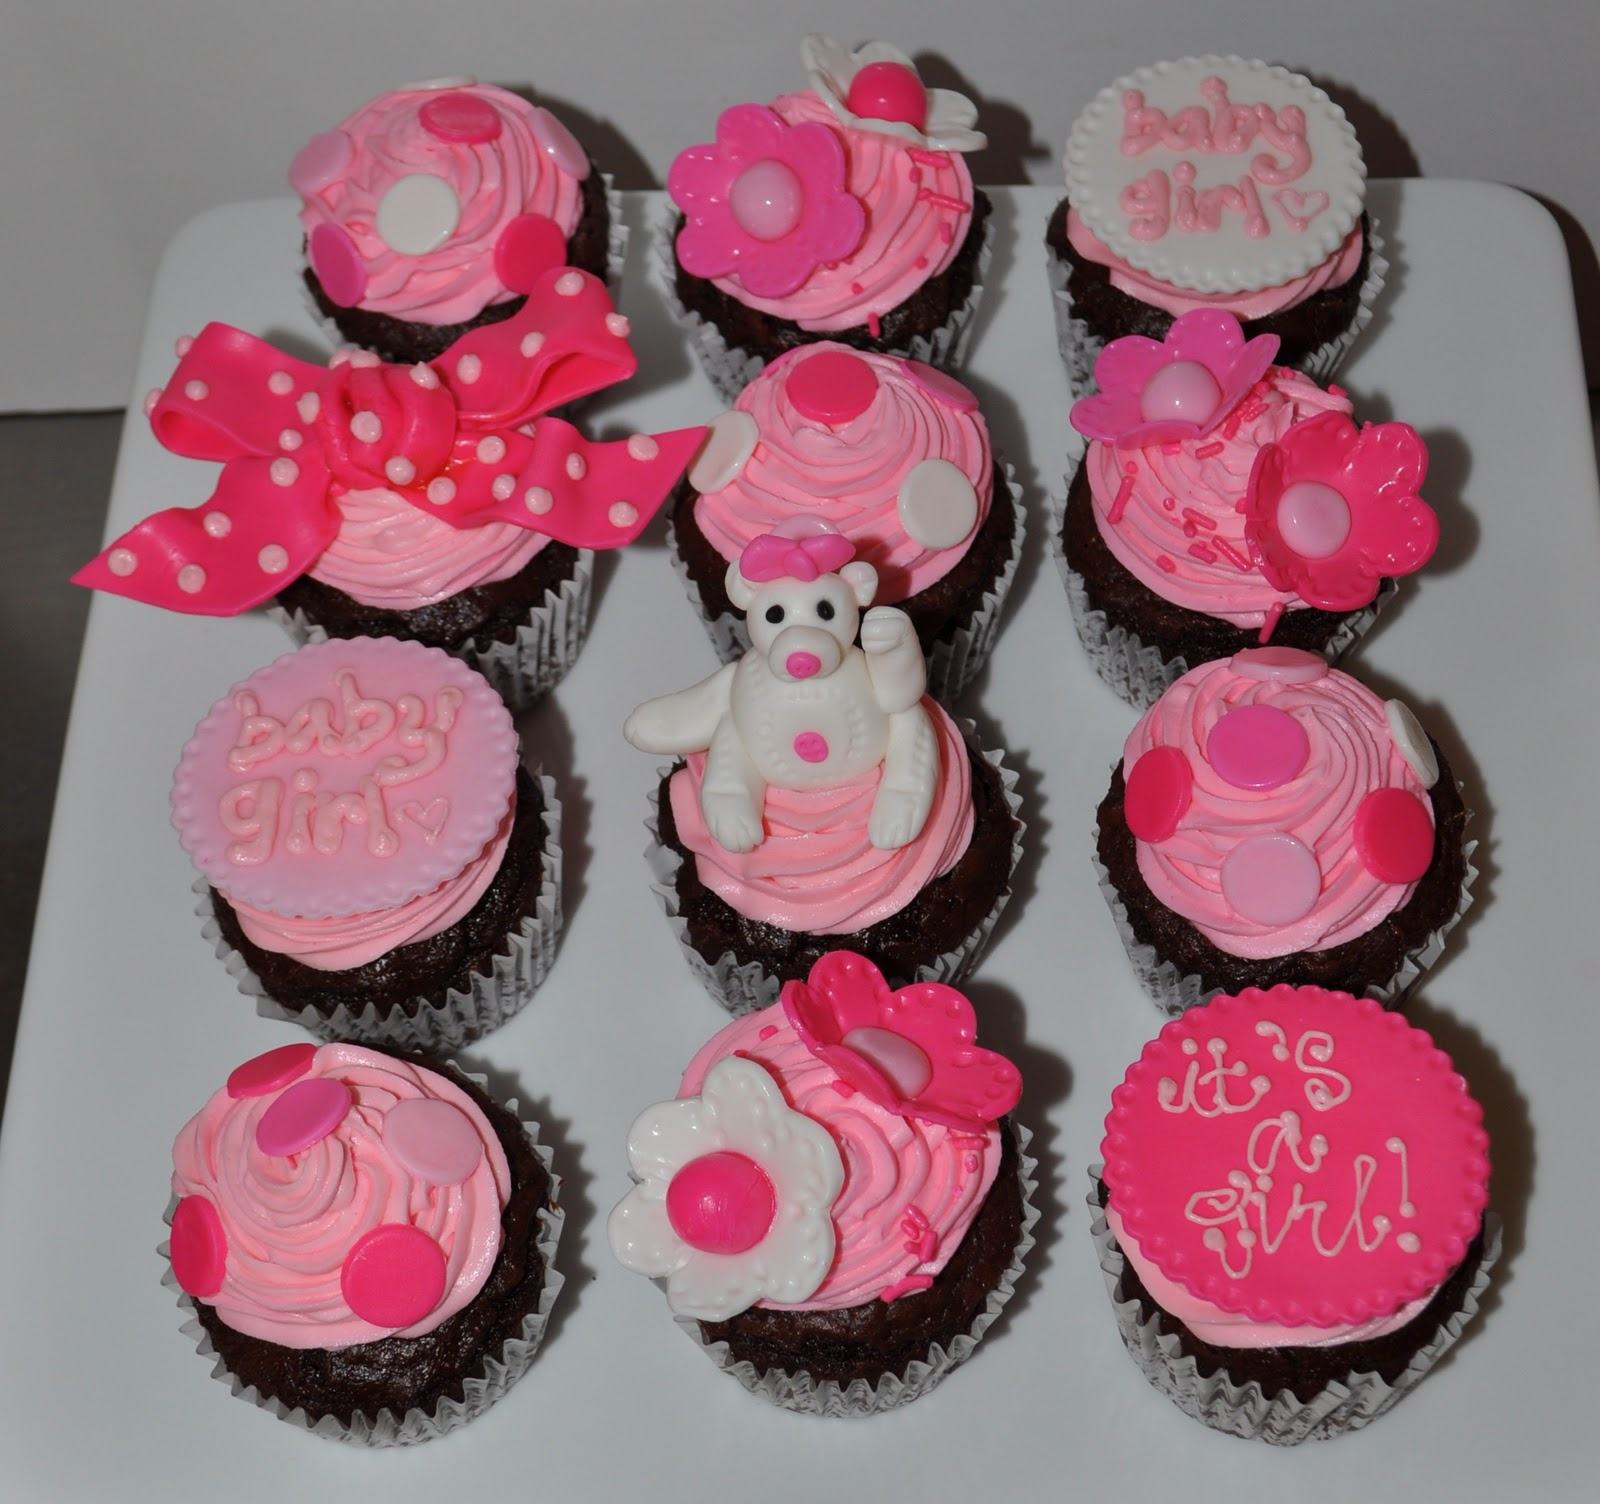 Leah's Sweet Treats: April 2011